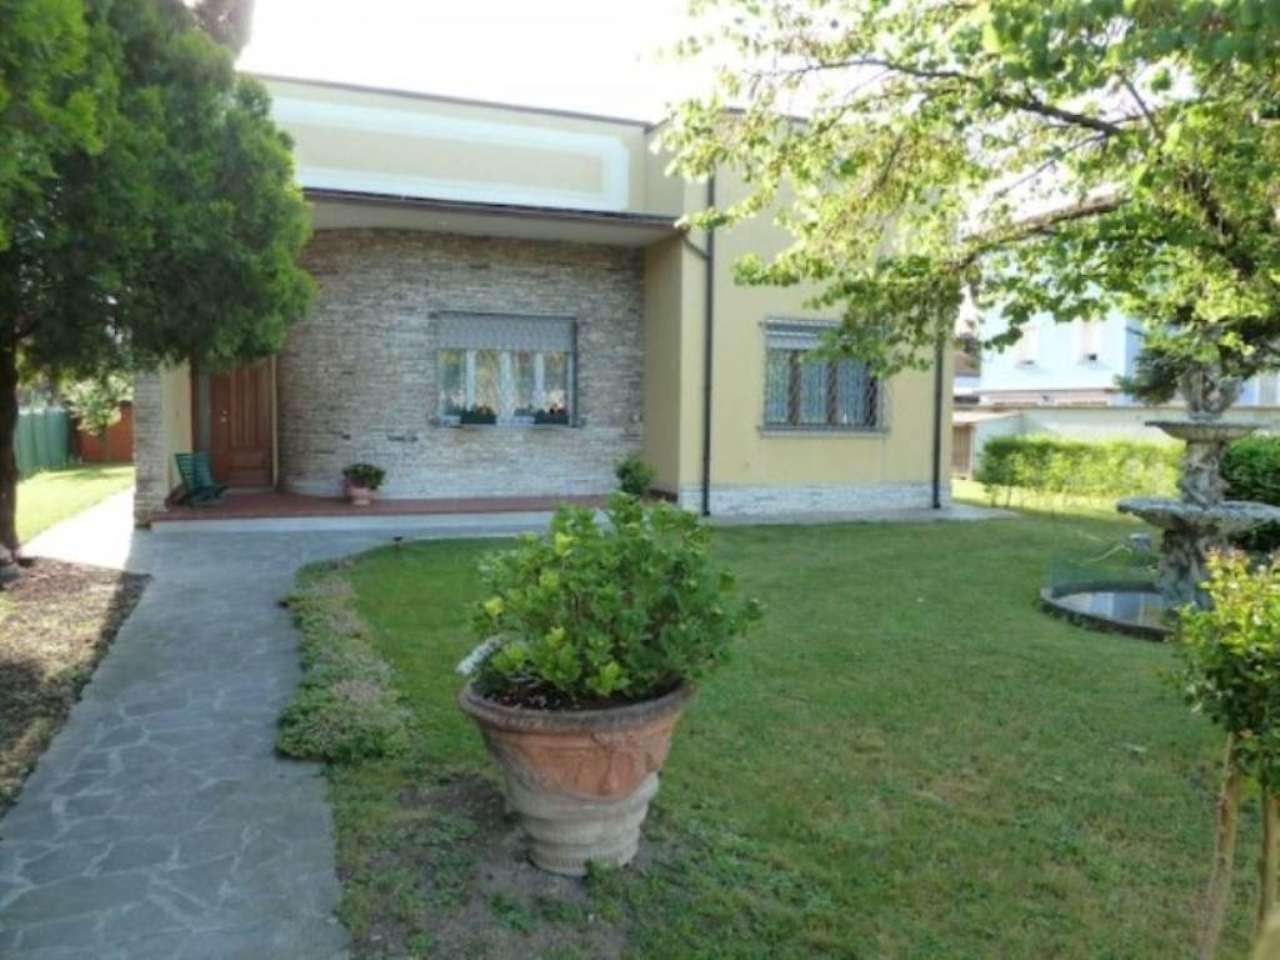 Villa in vendita a Gattatico, 6 locali, prezzo € 470.000 | Cambio Casa.it